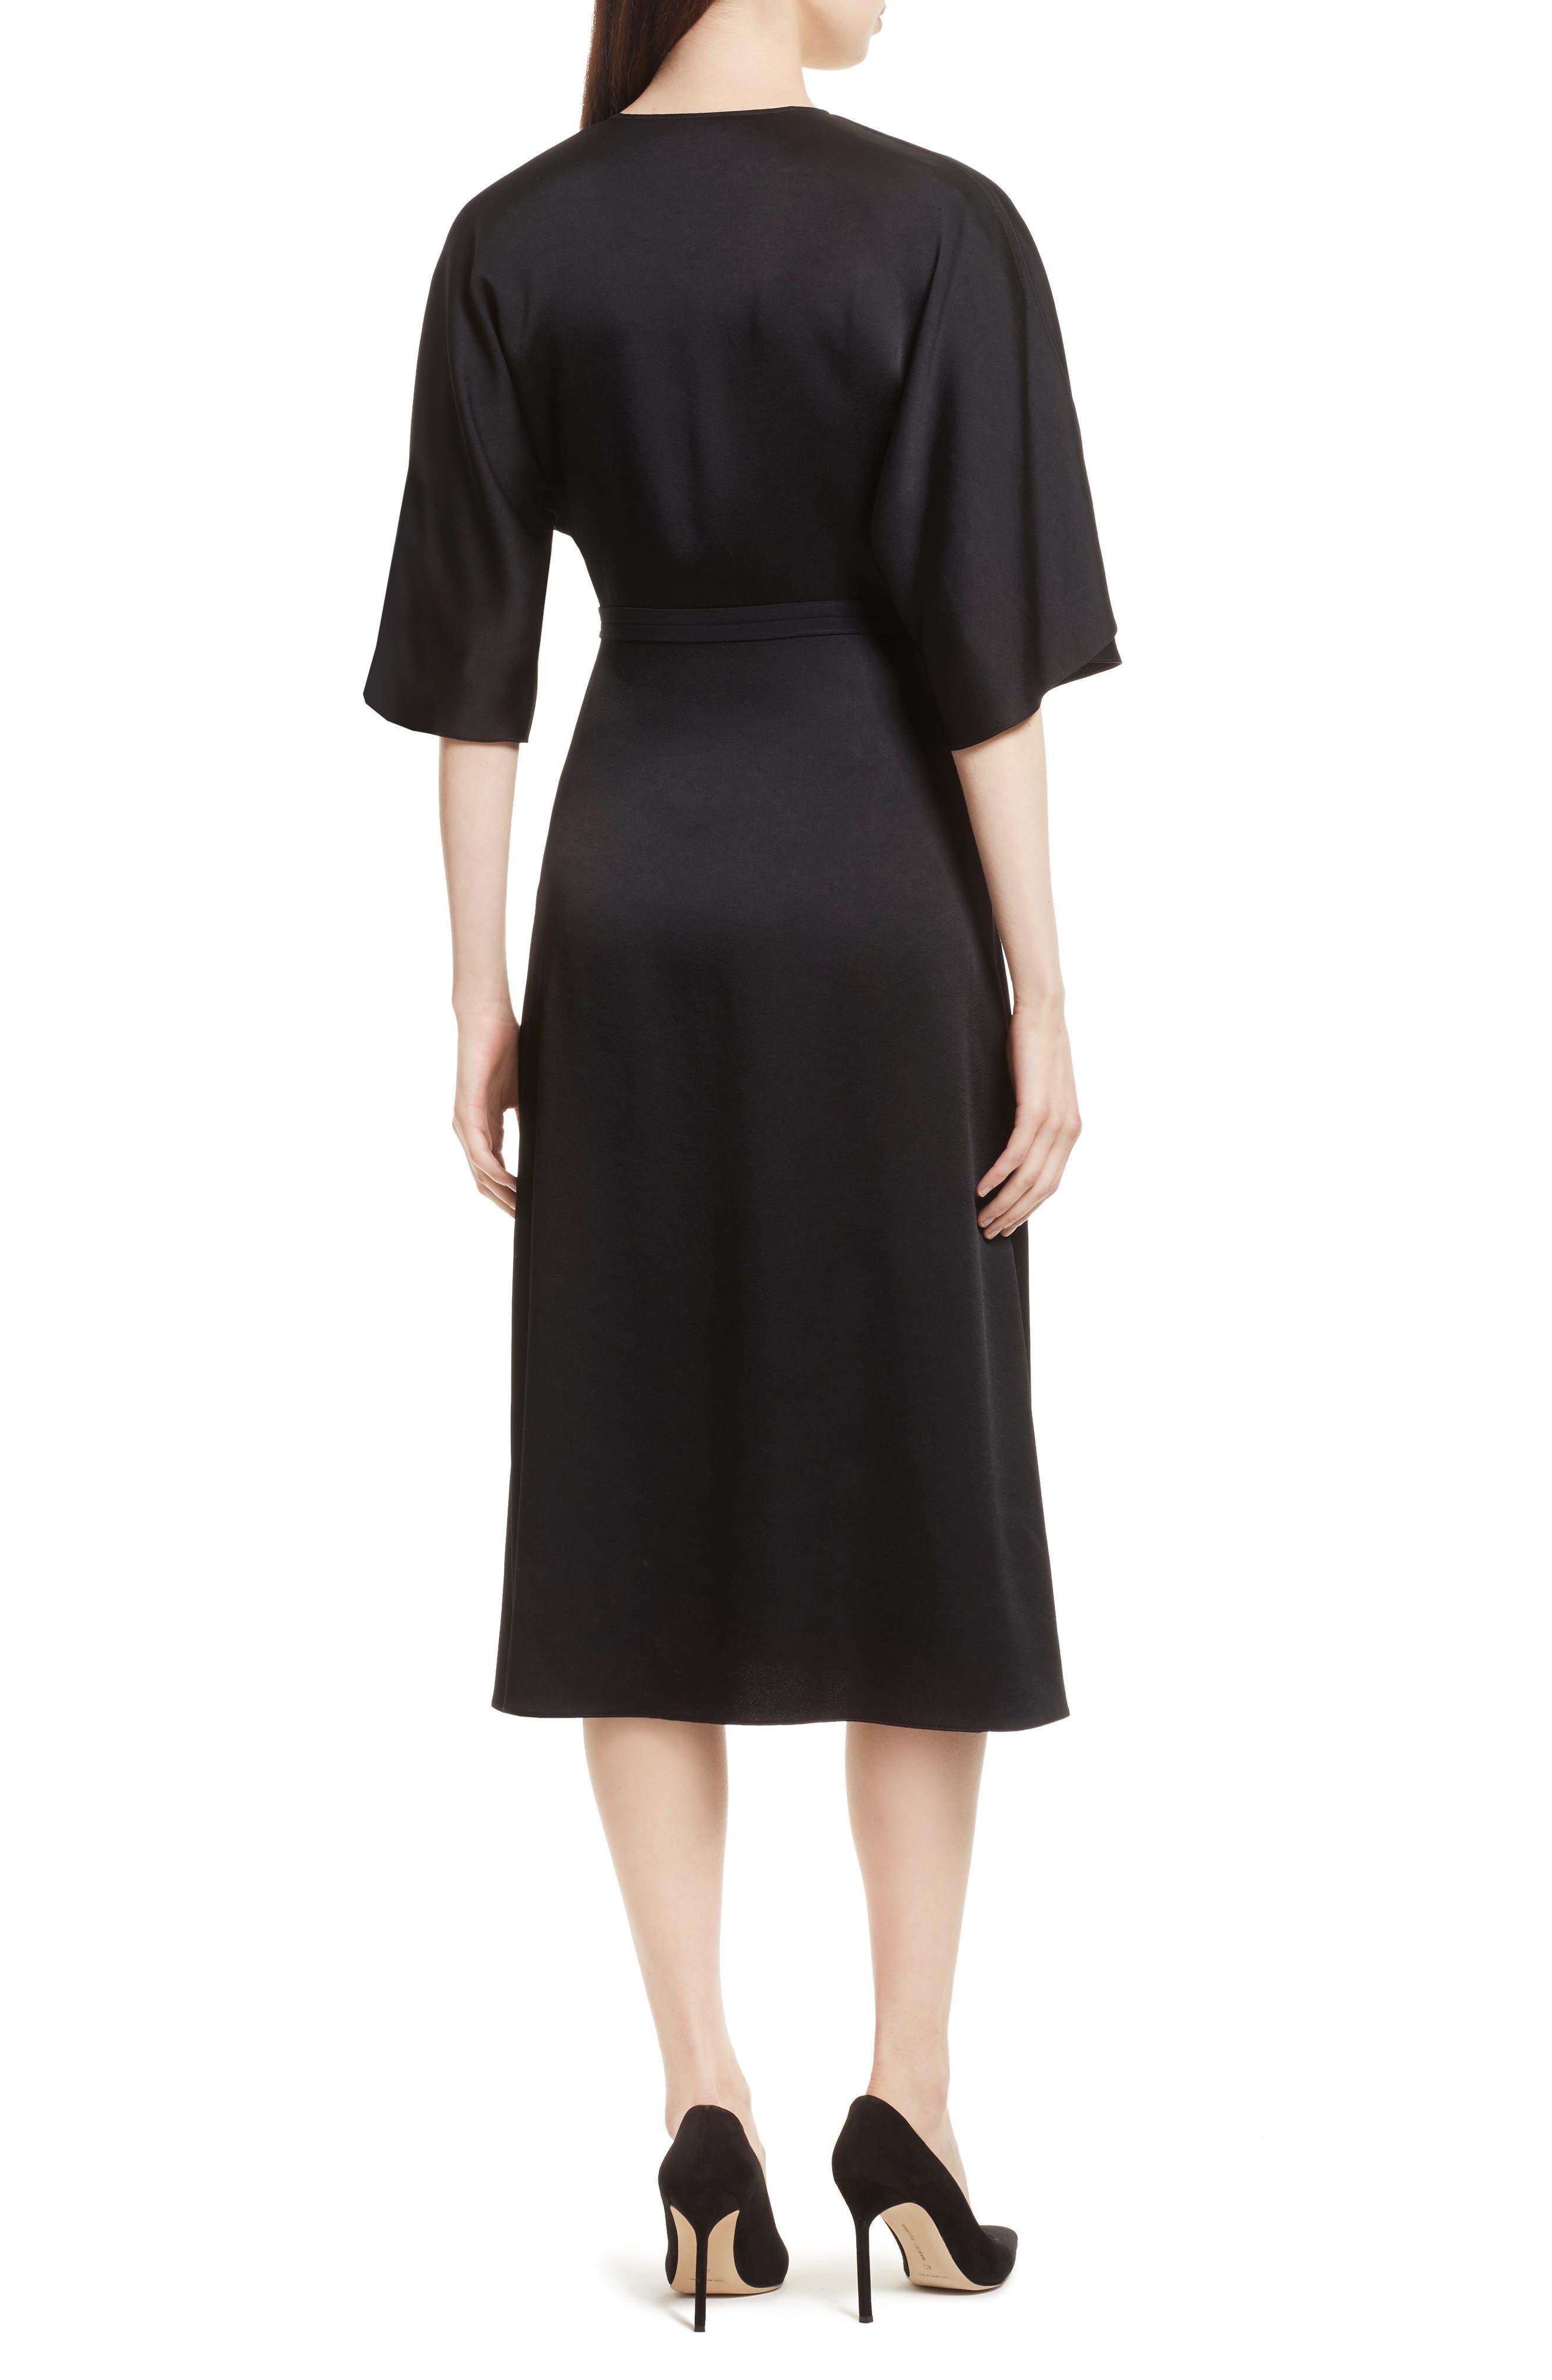 Kensington Midi Dress,                             Alternate thumbnail 2, color,                             001